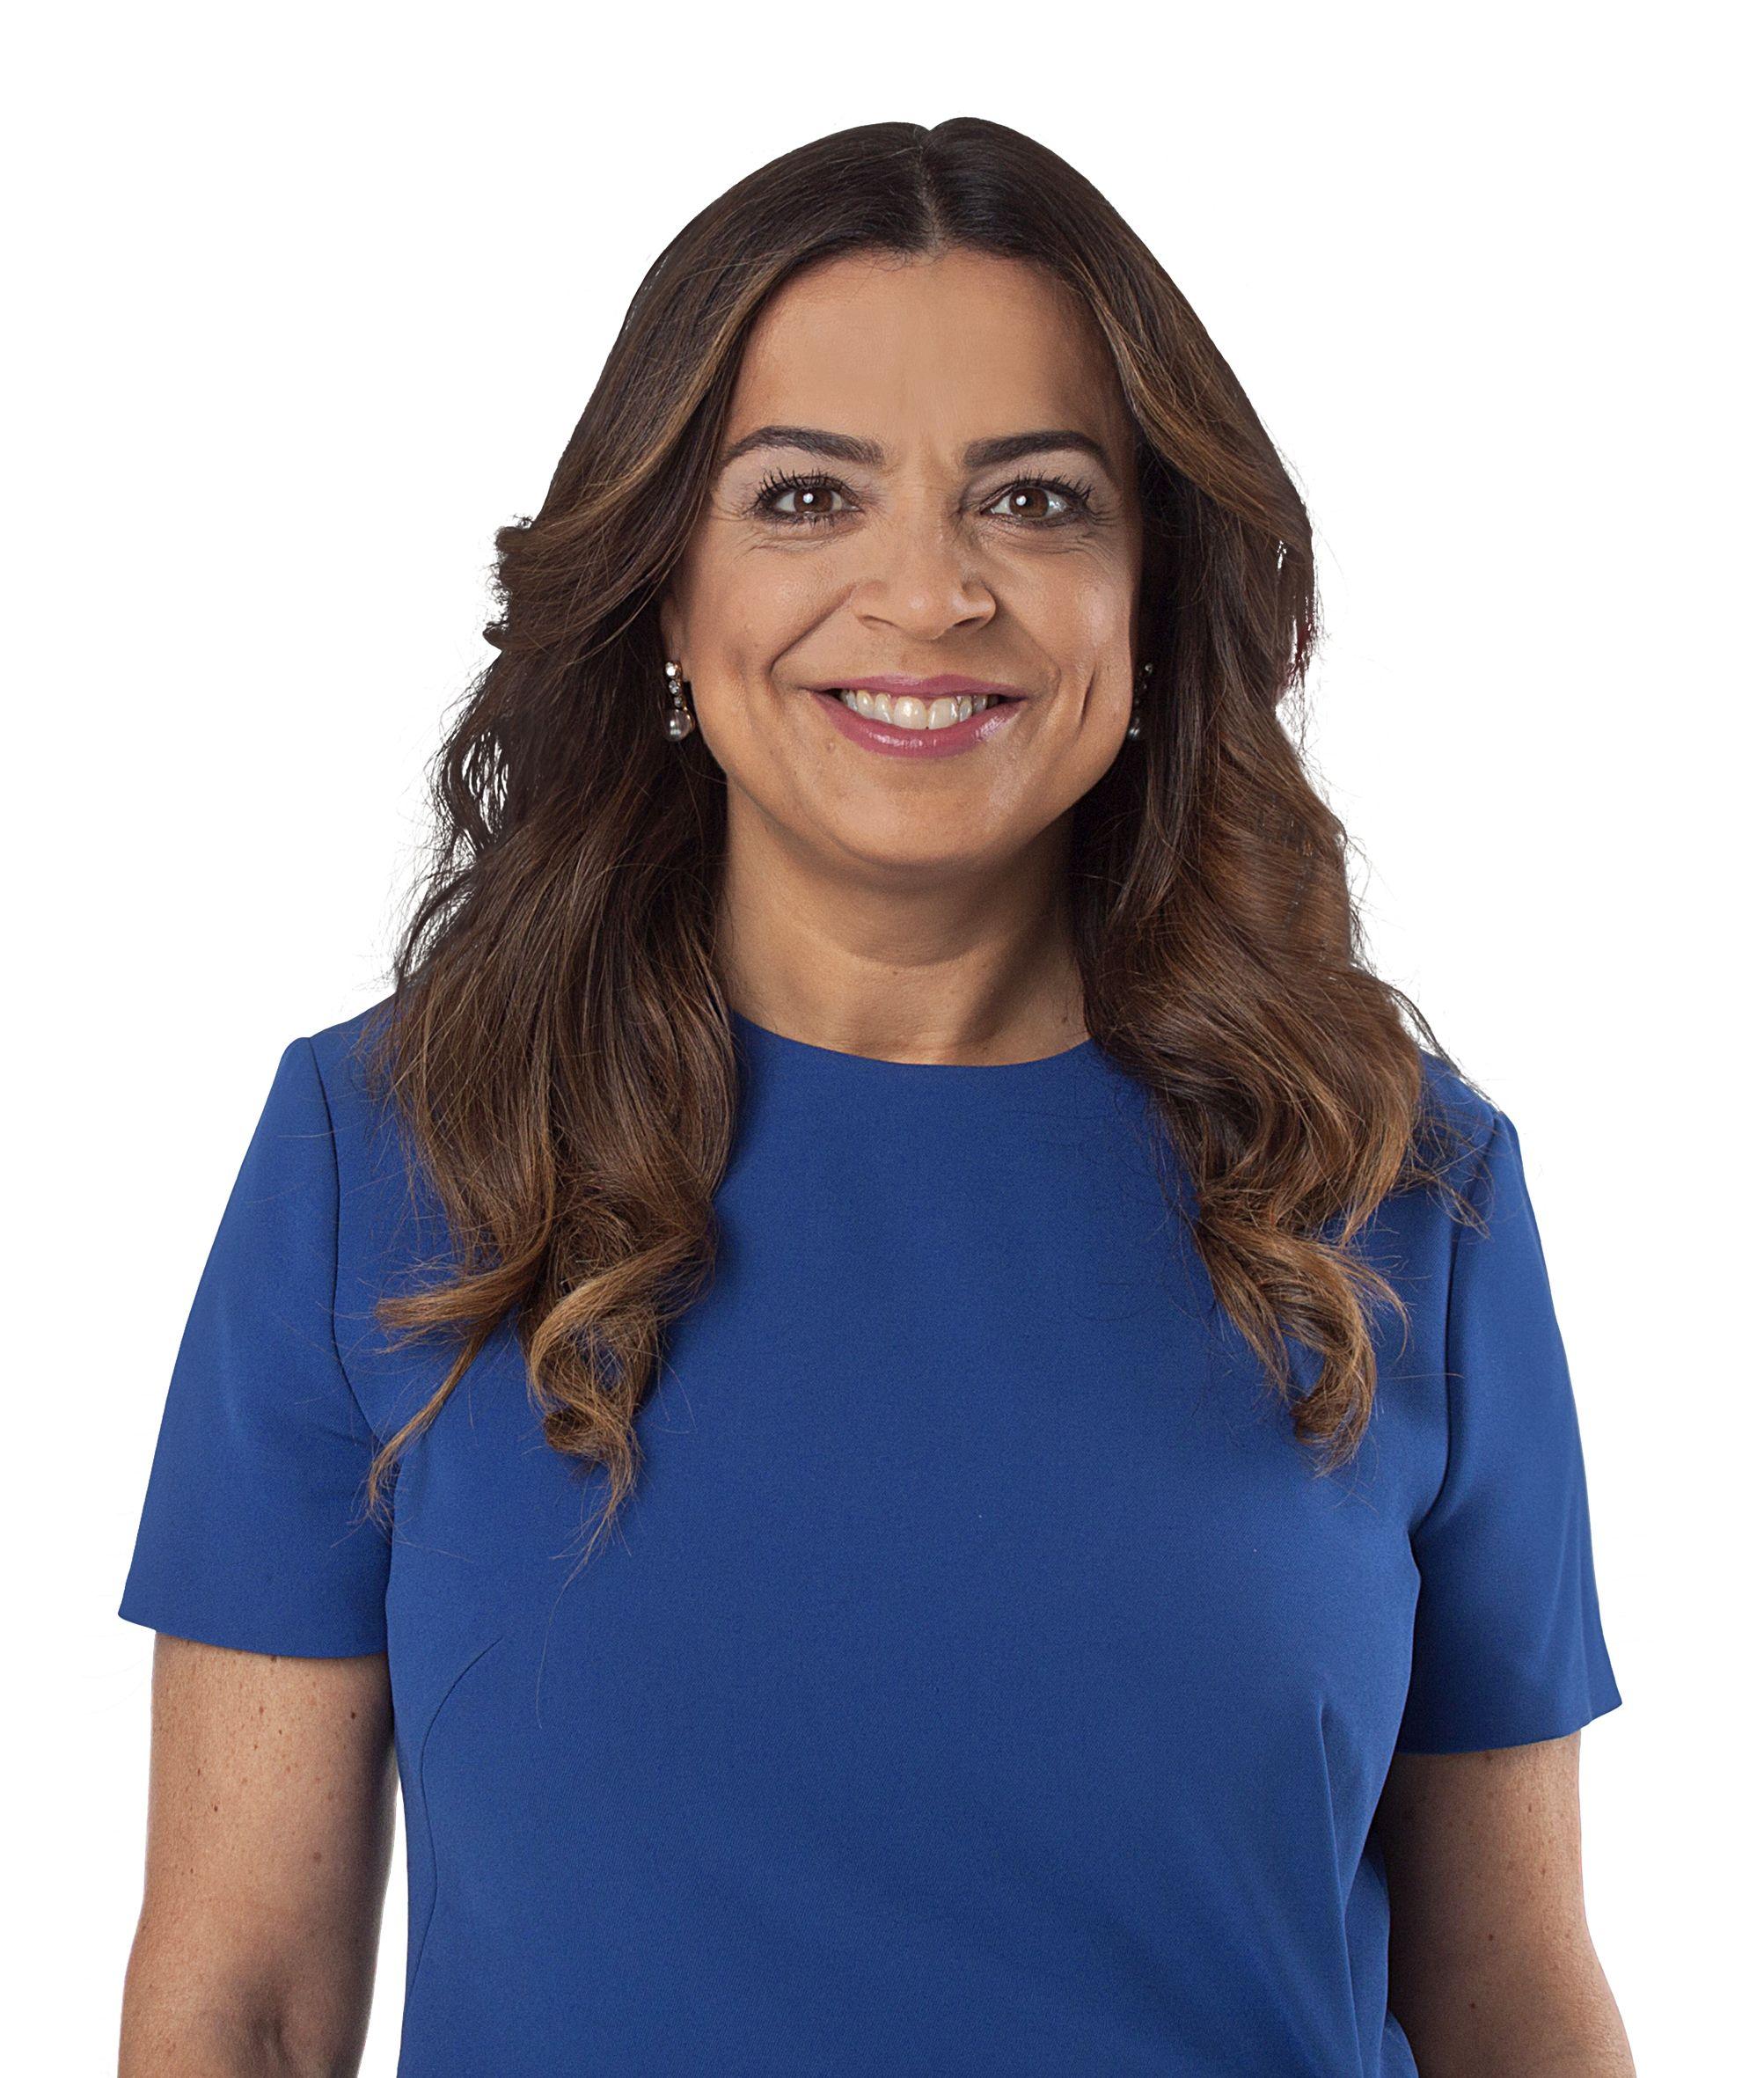 Luisa salgueiro